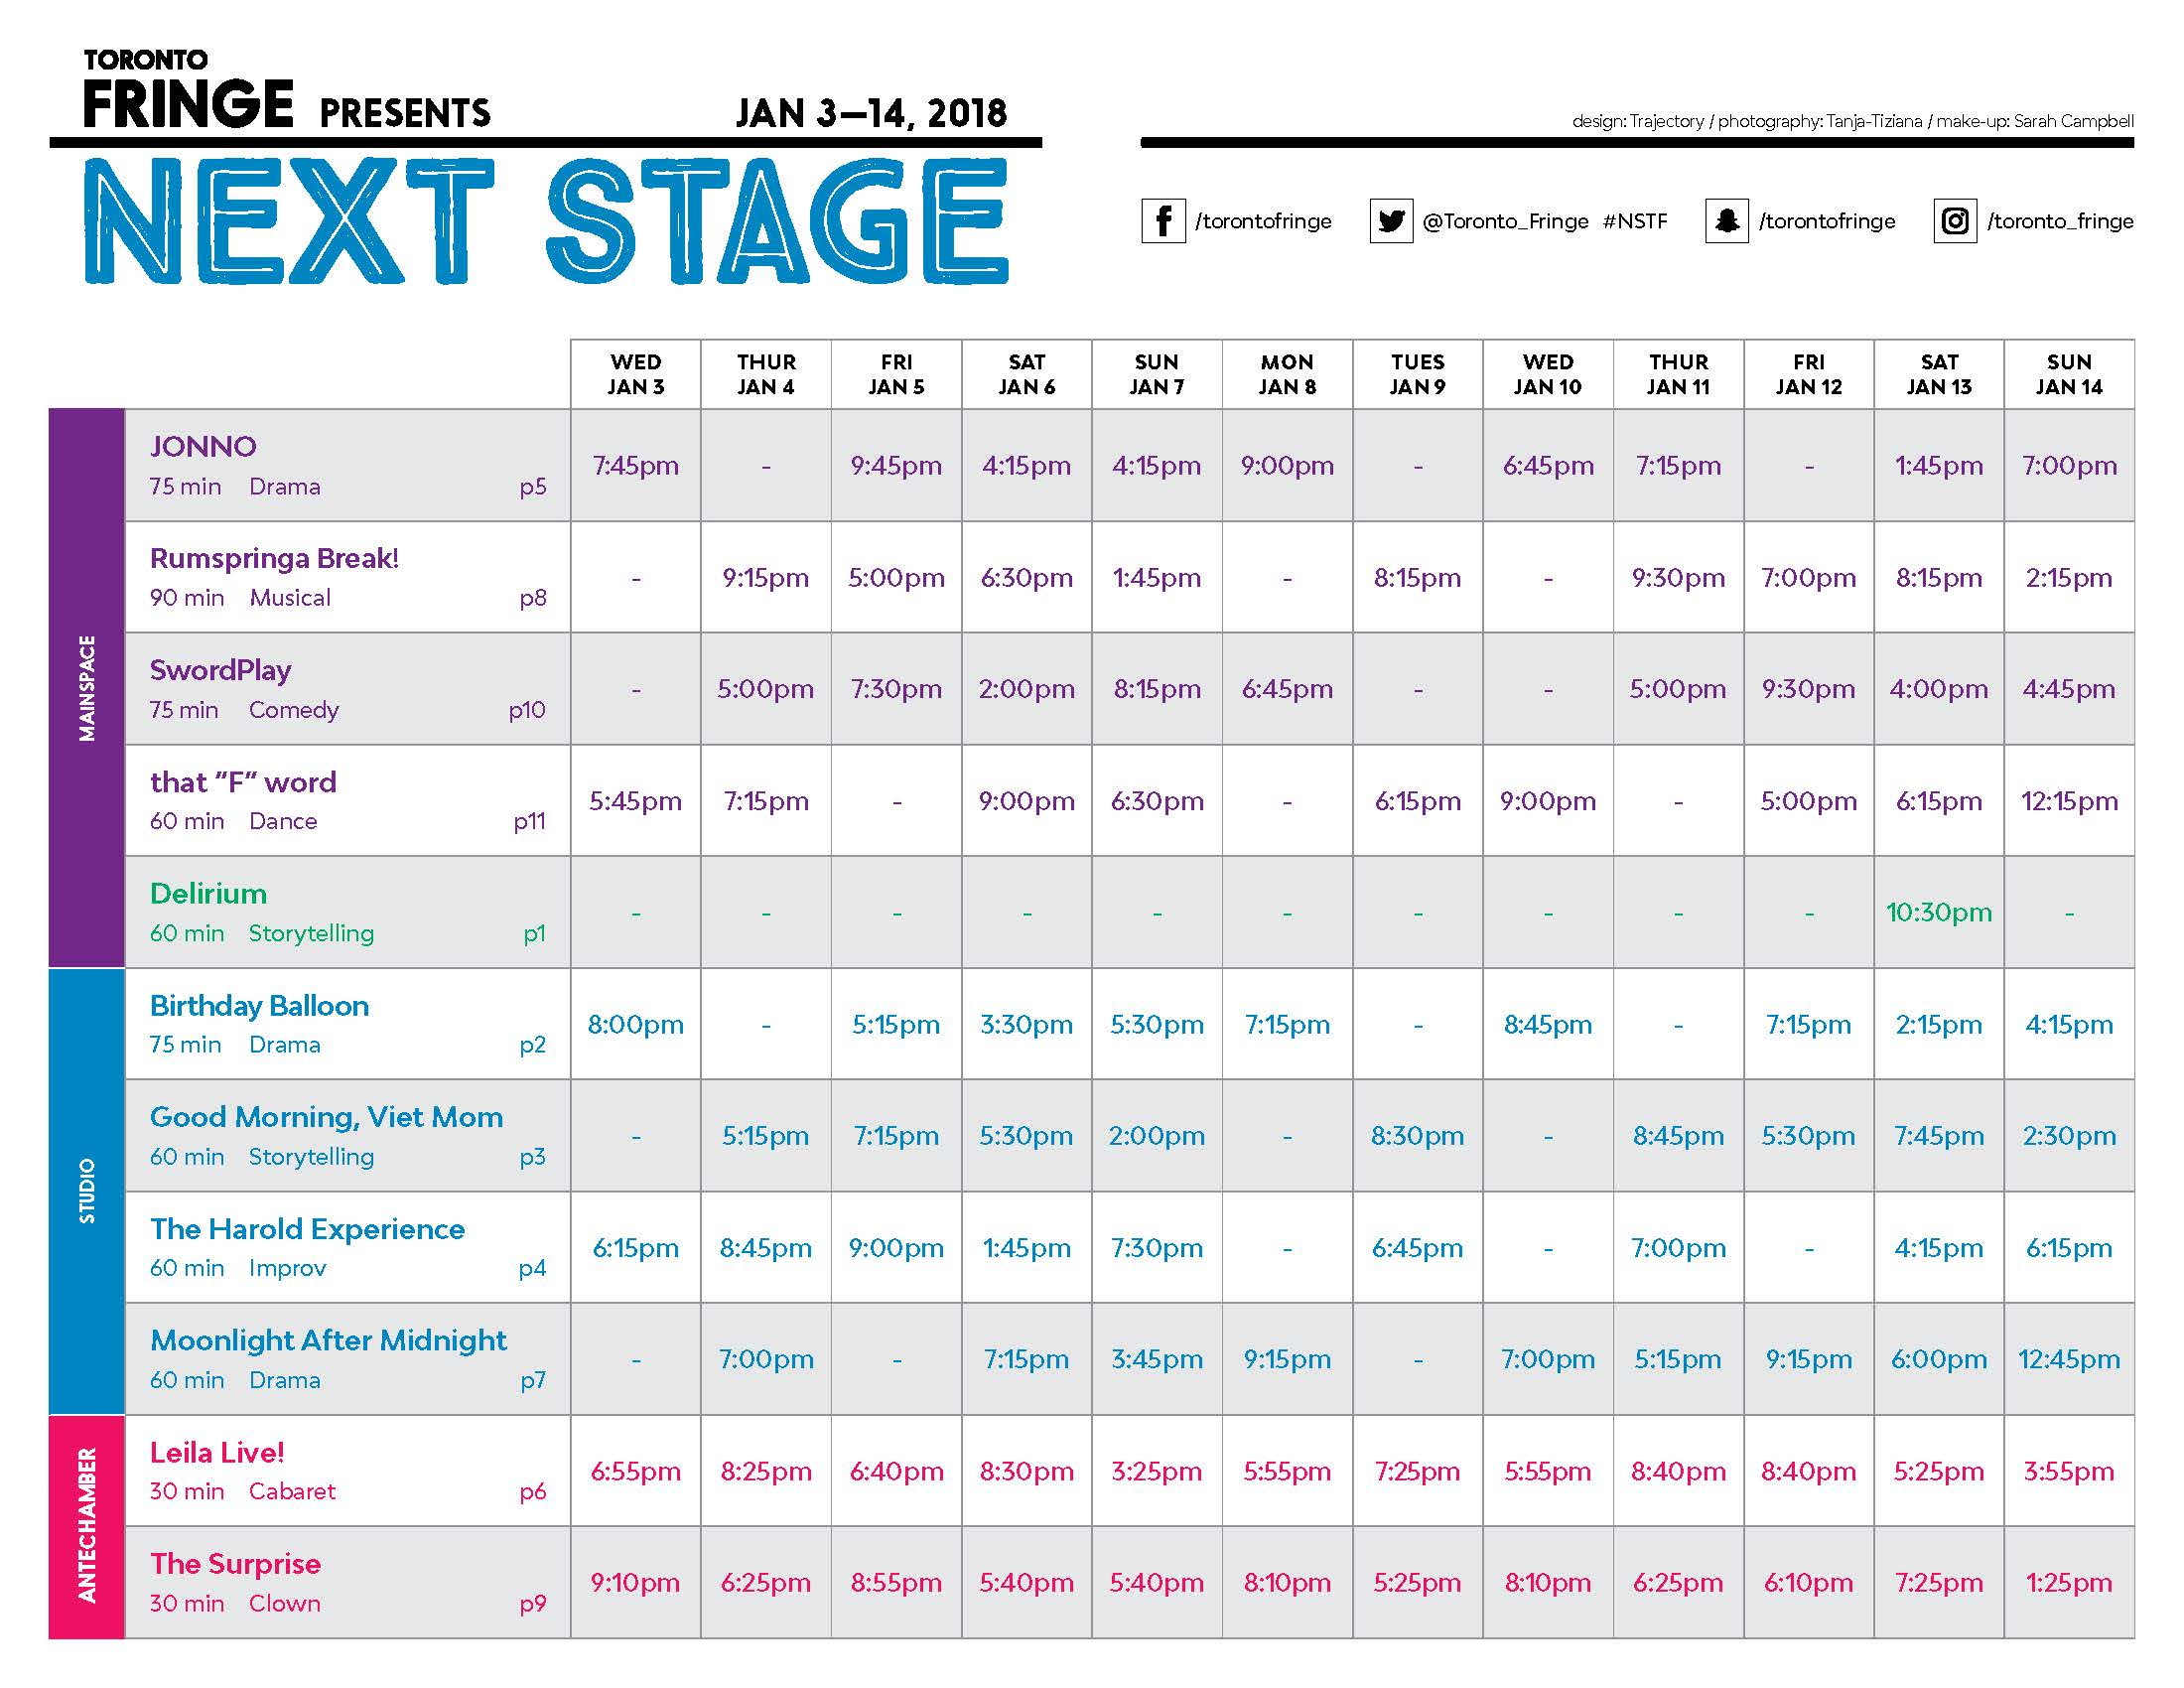 Next Stage 2018 Schedule